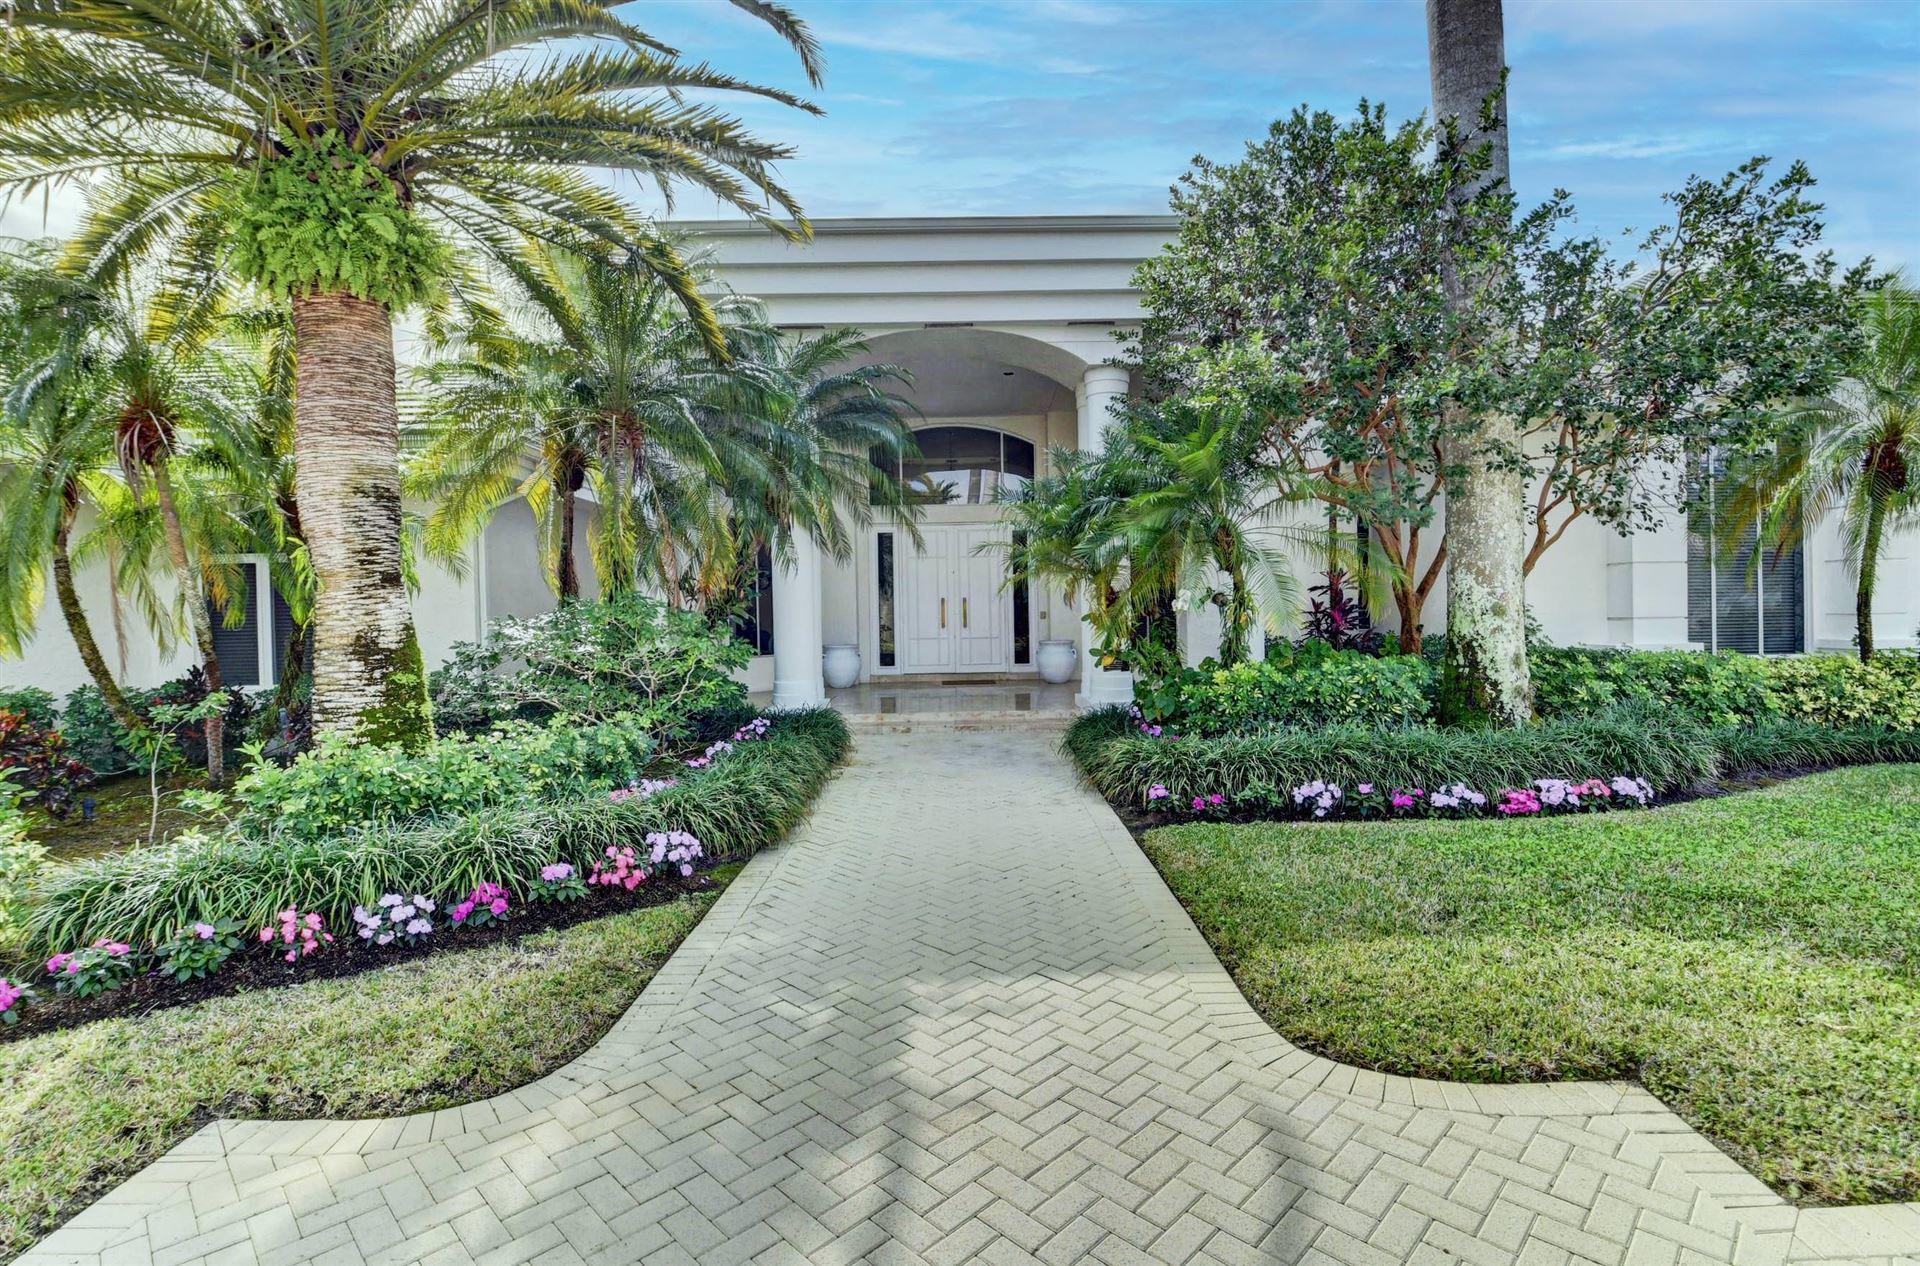 Photo of 17759 Lake Estates Drive, Boca Raton, FL 33496 (MLS # RX-10697113)